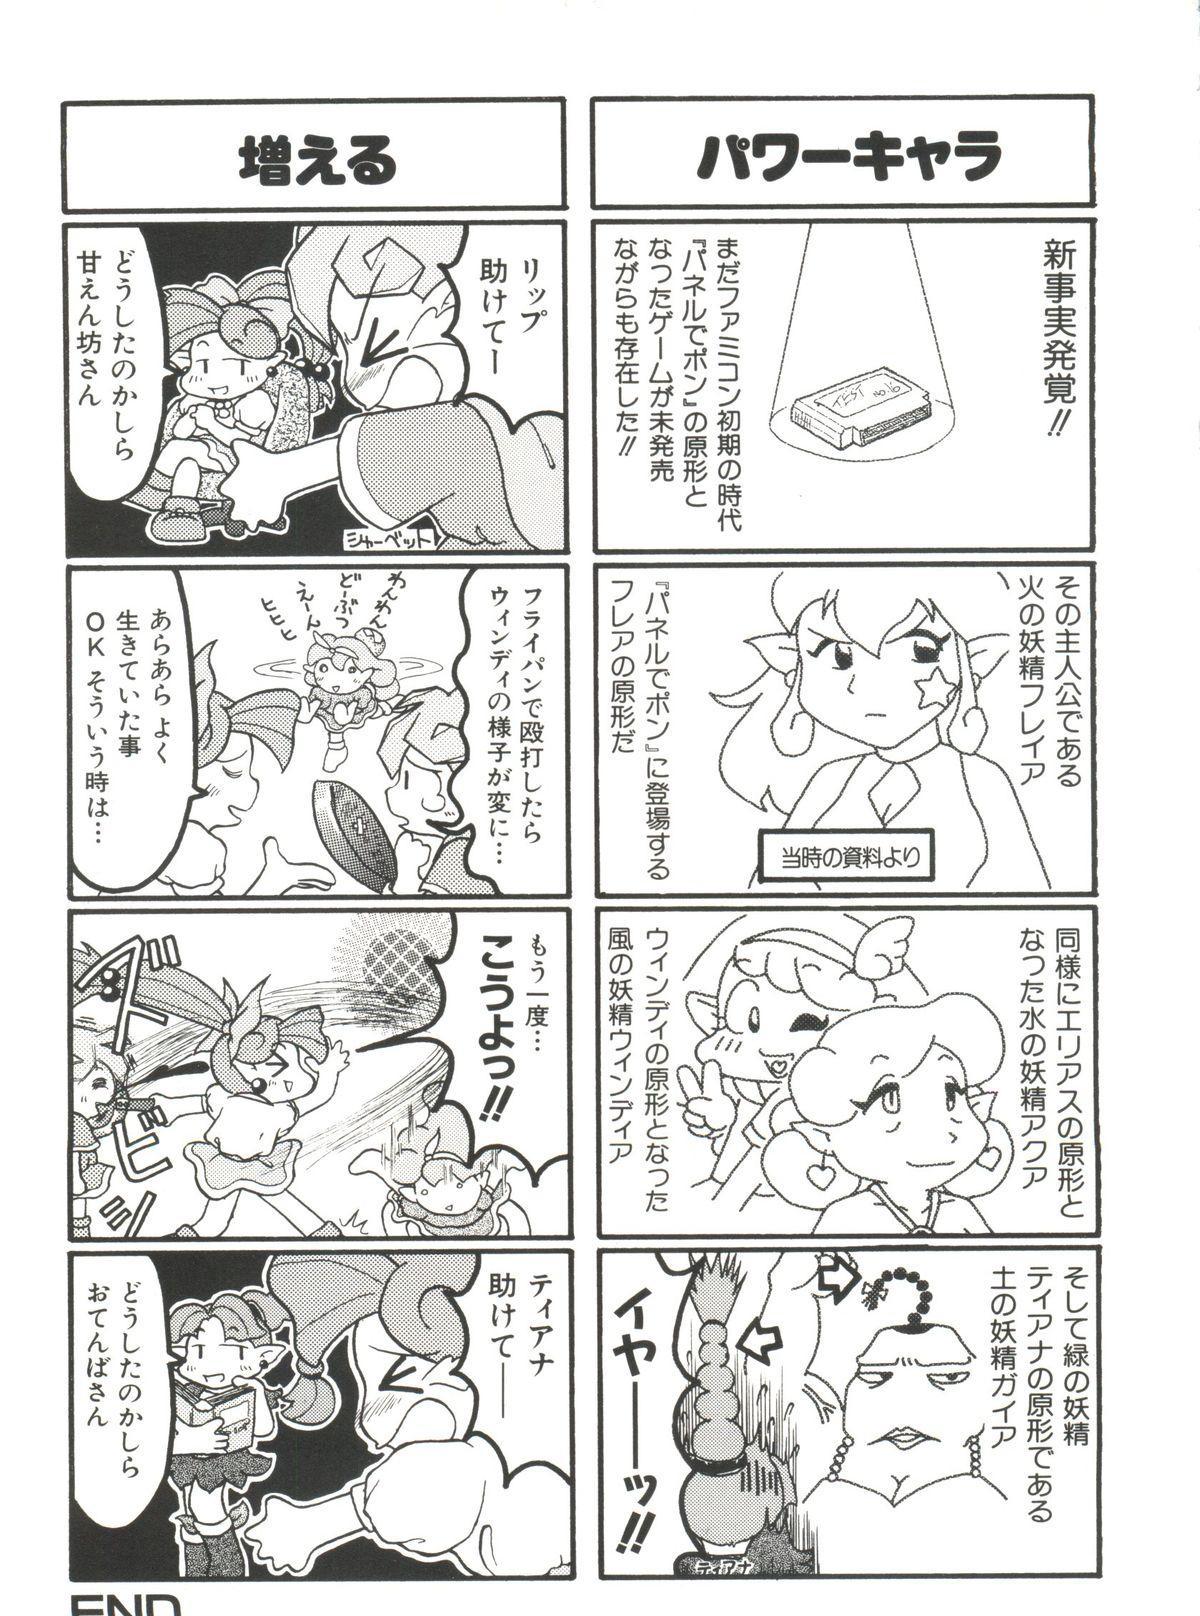 Denei Tamatebako 6 - Nishinhou no Tenshi II 134